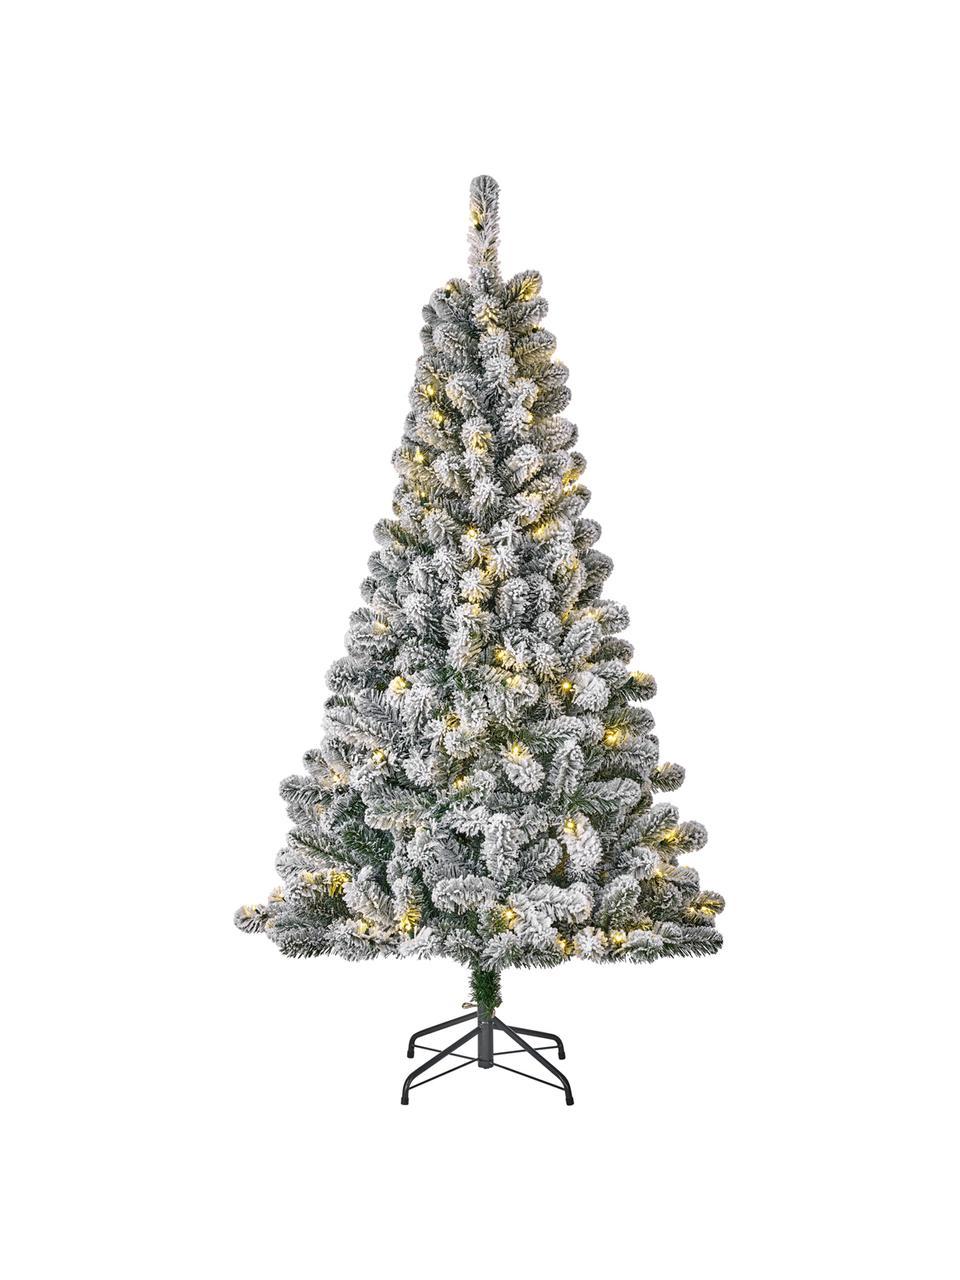 Künstlicher LED Weihnachtsbaum Millington, beschneit, Grün, vereist, Ø 86 x H 155 cm